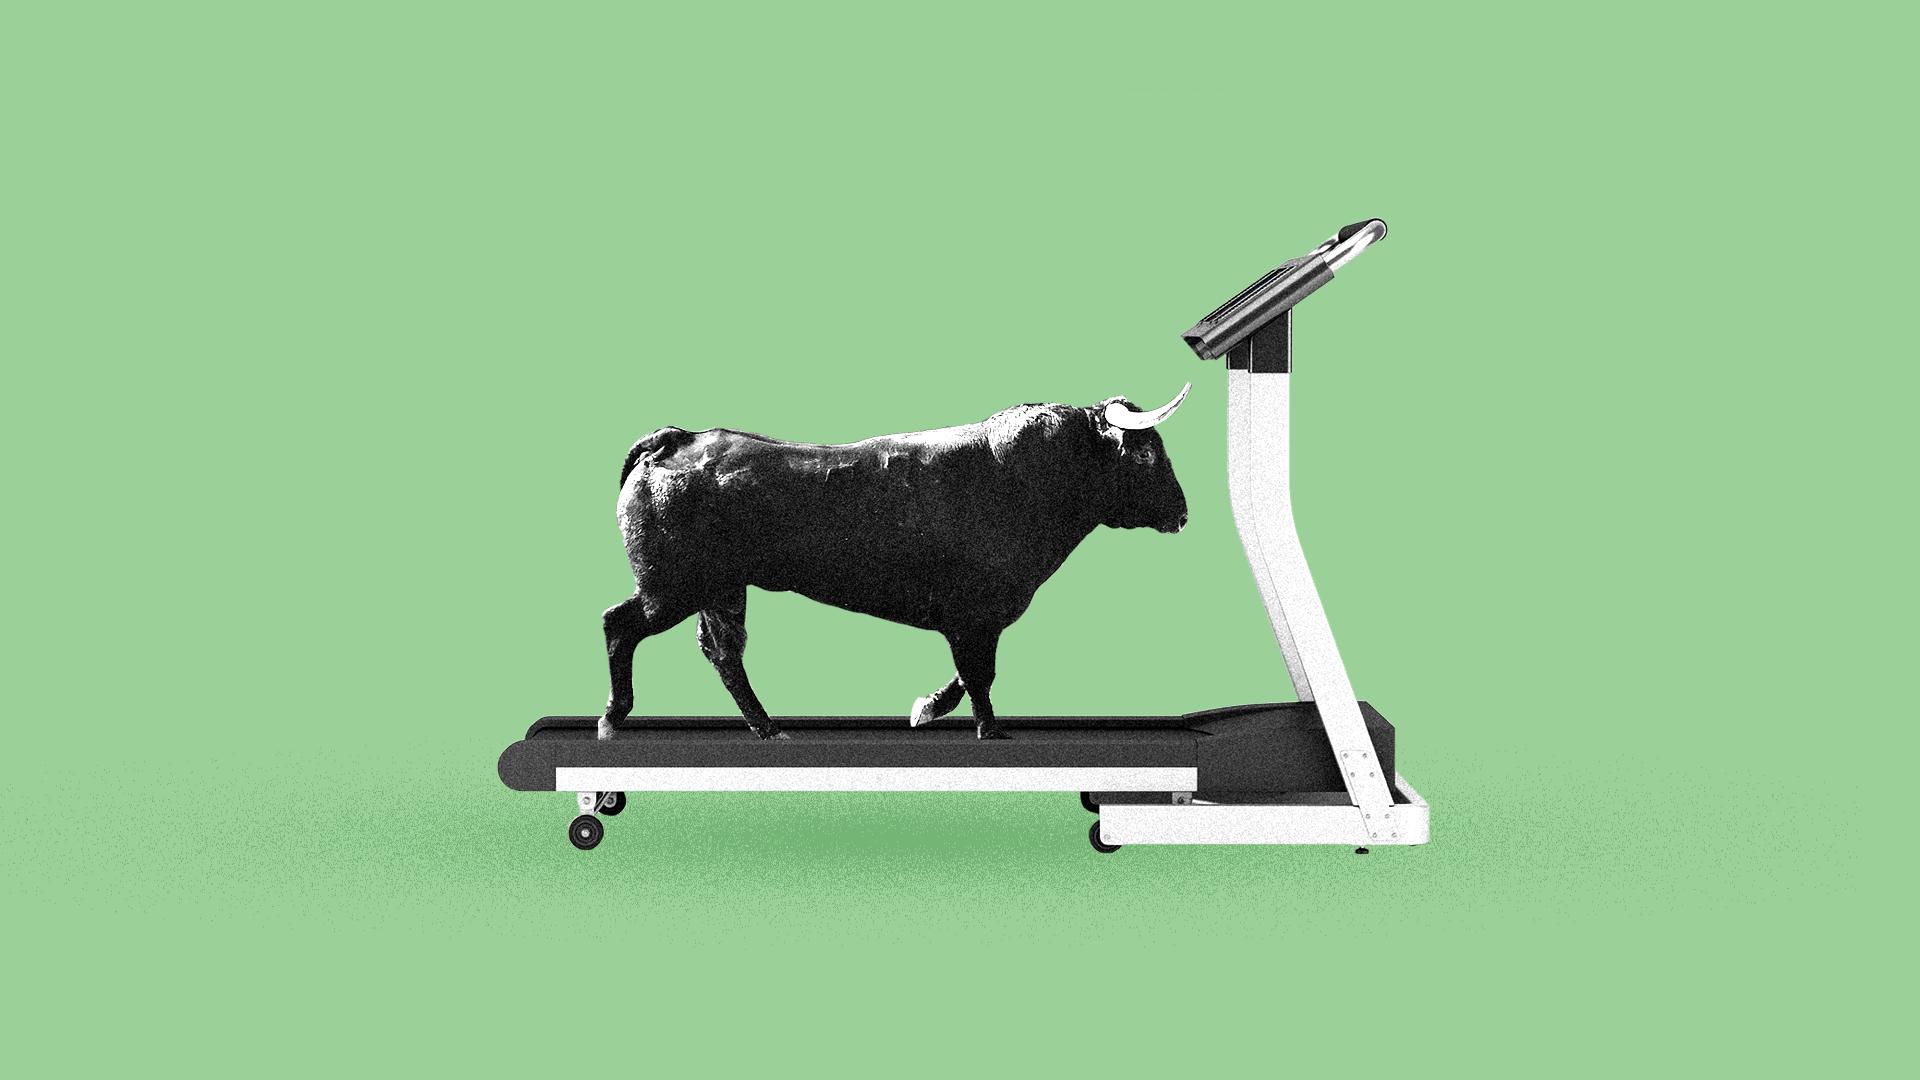 Illustration of a bull on a treadmill